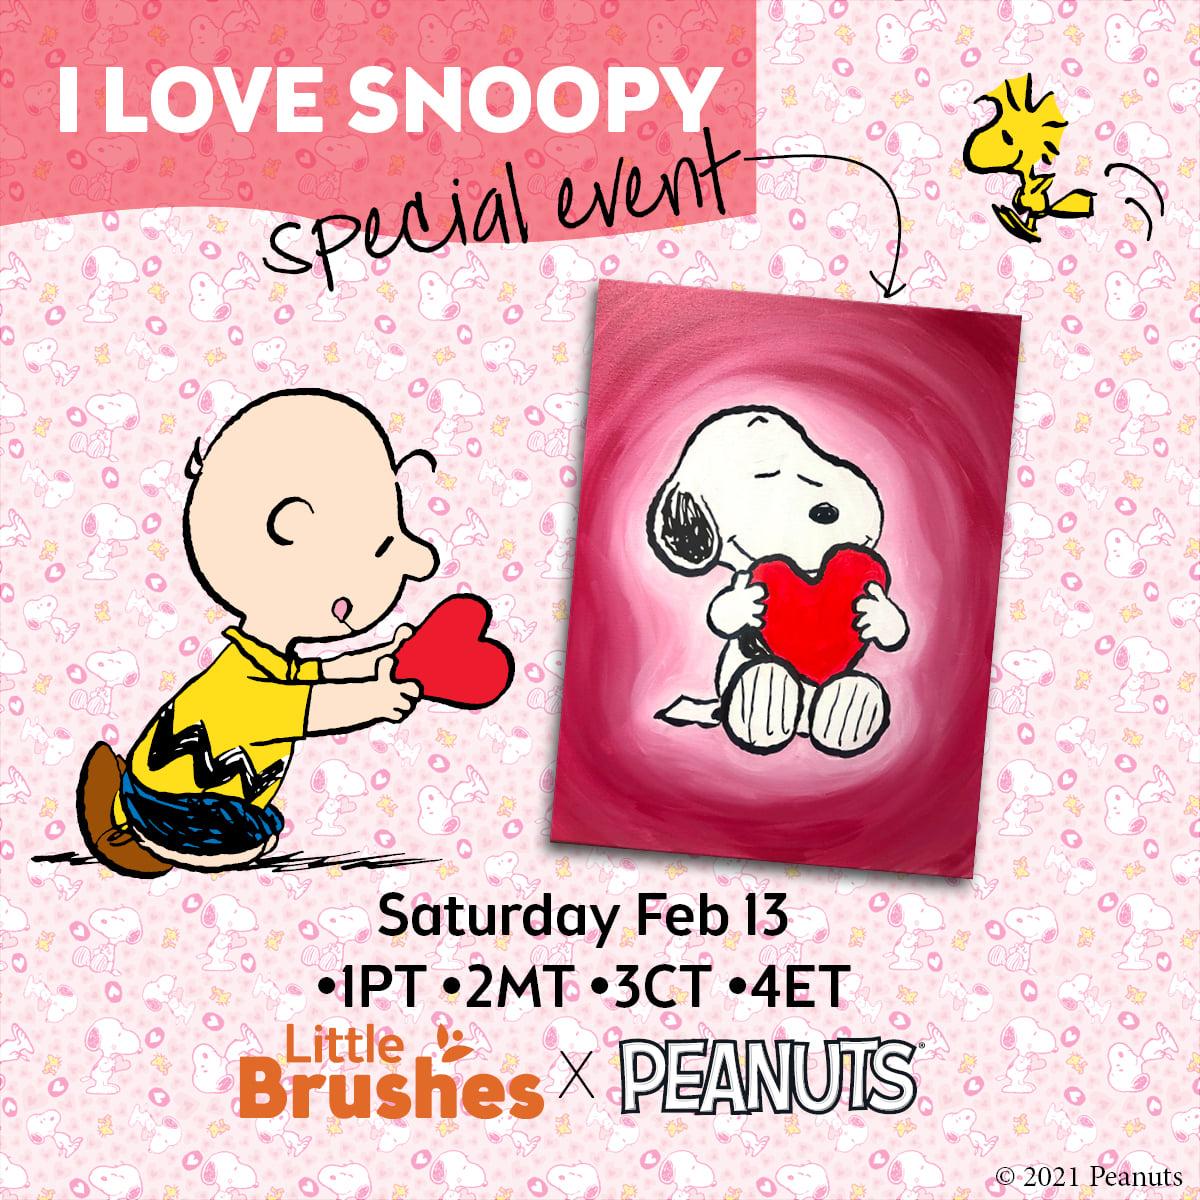 I Love Snoopy!